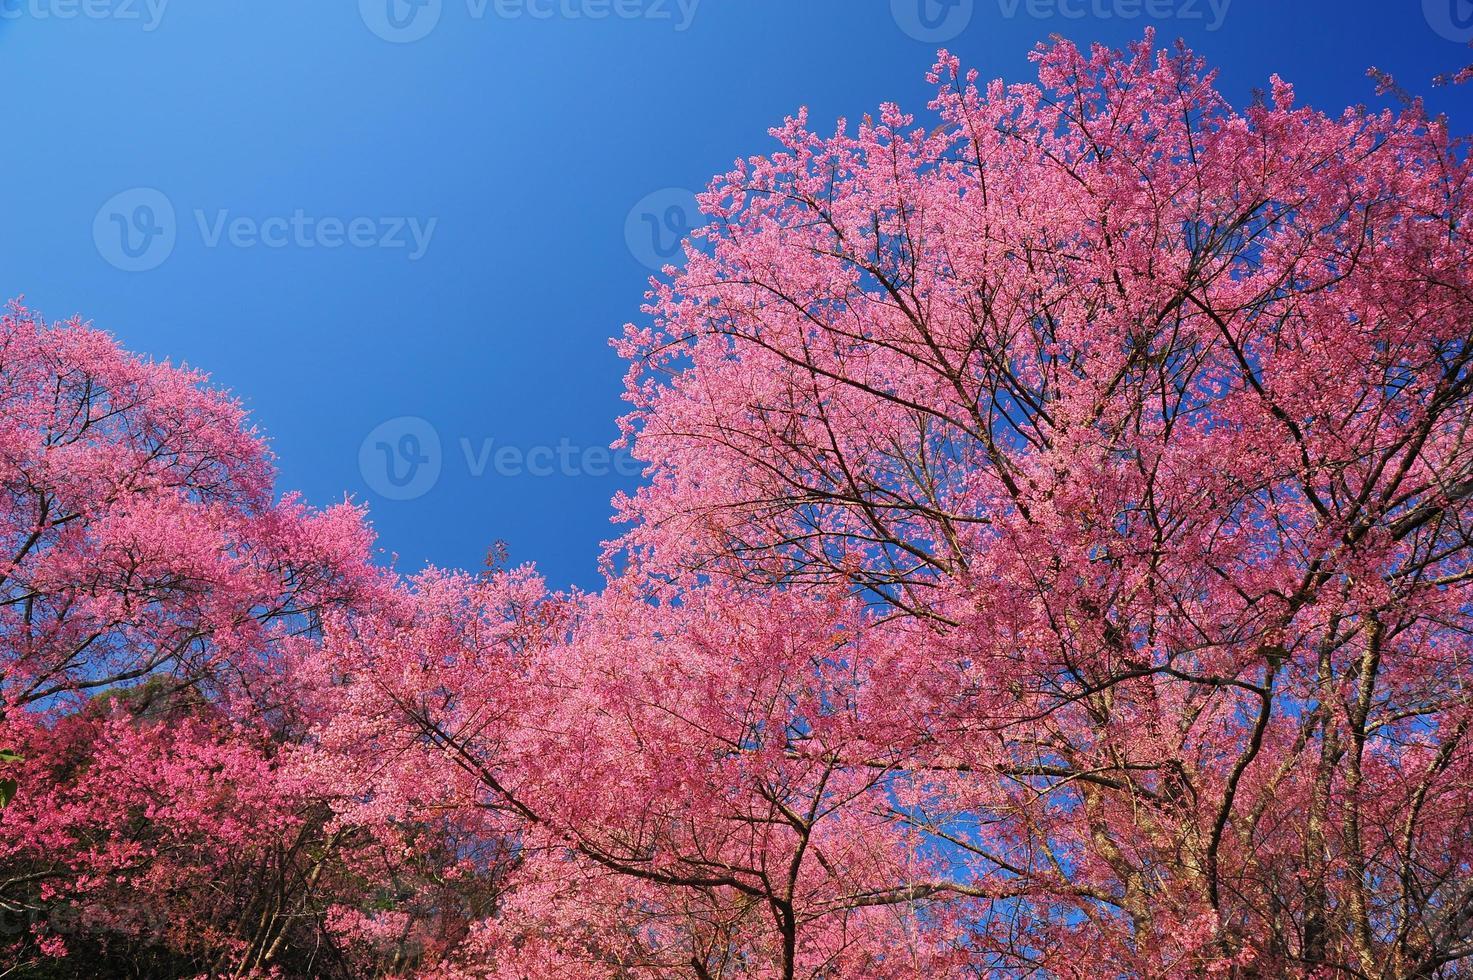 flores de cerezo de primavera con fondo de cielo azul foto